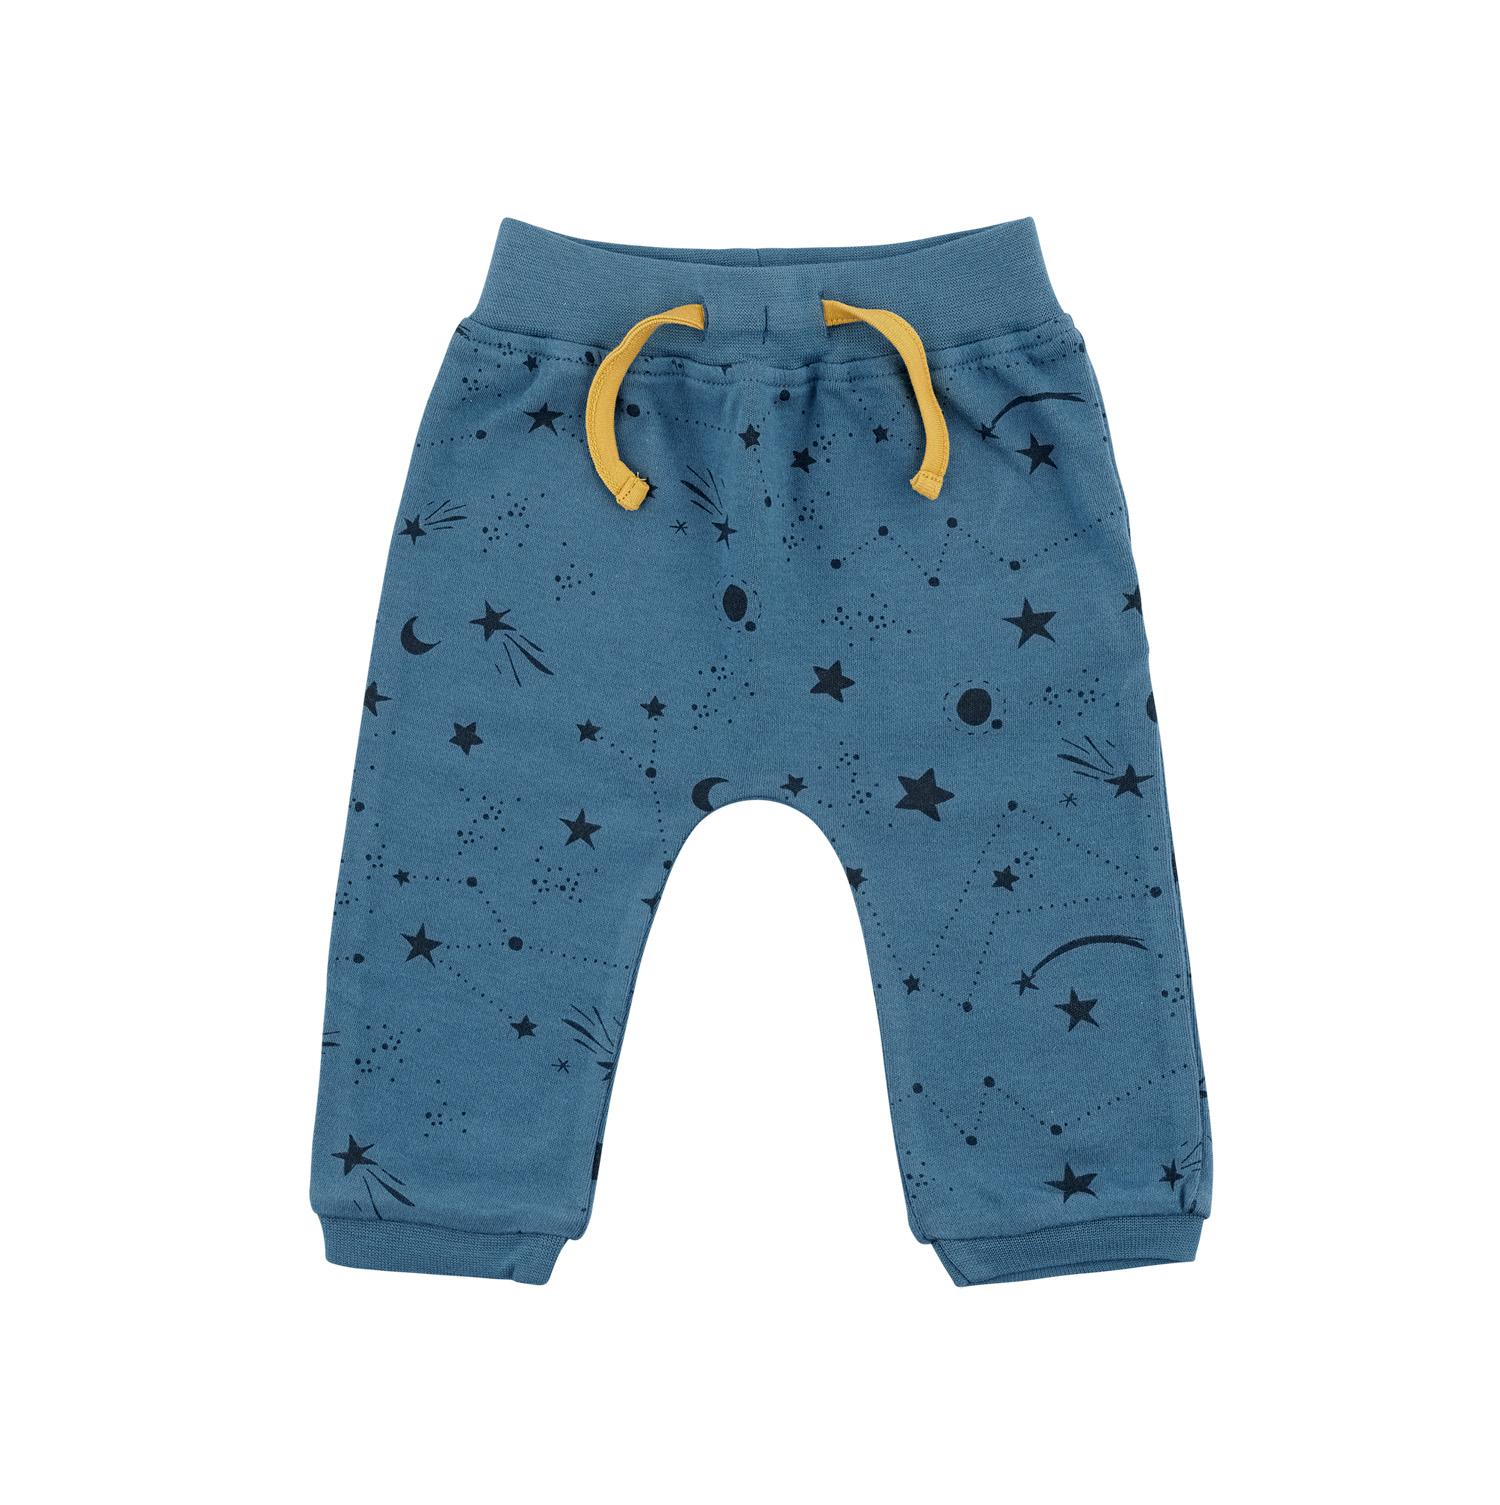 Haremsbyxor barn  blå